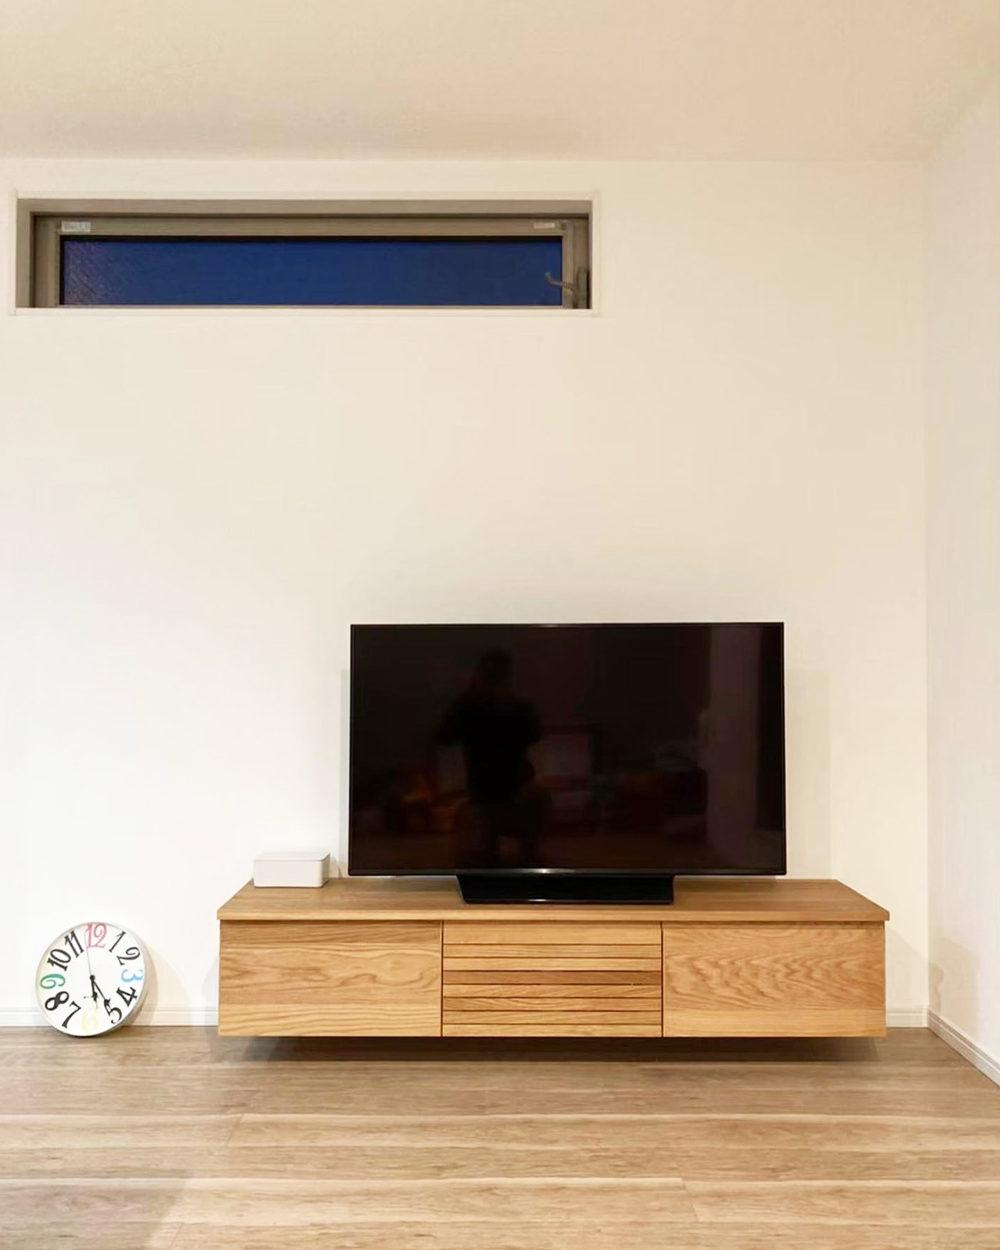 オーダー家具・カップボード・食器棚。TVボード・姿見/関西・大阪